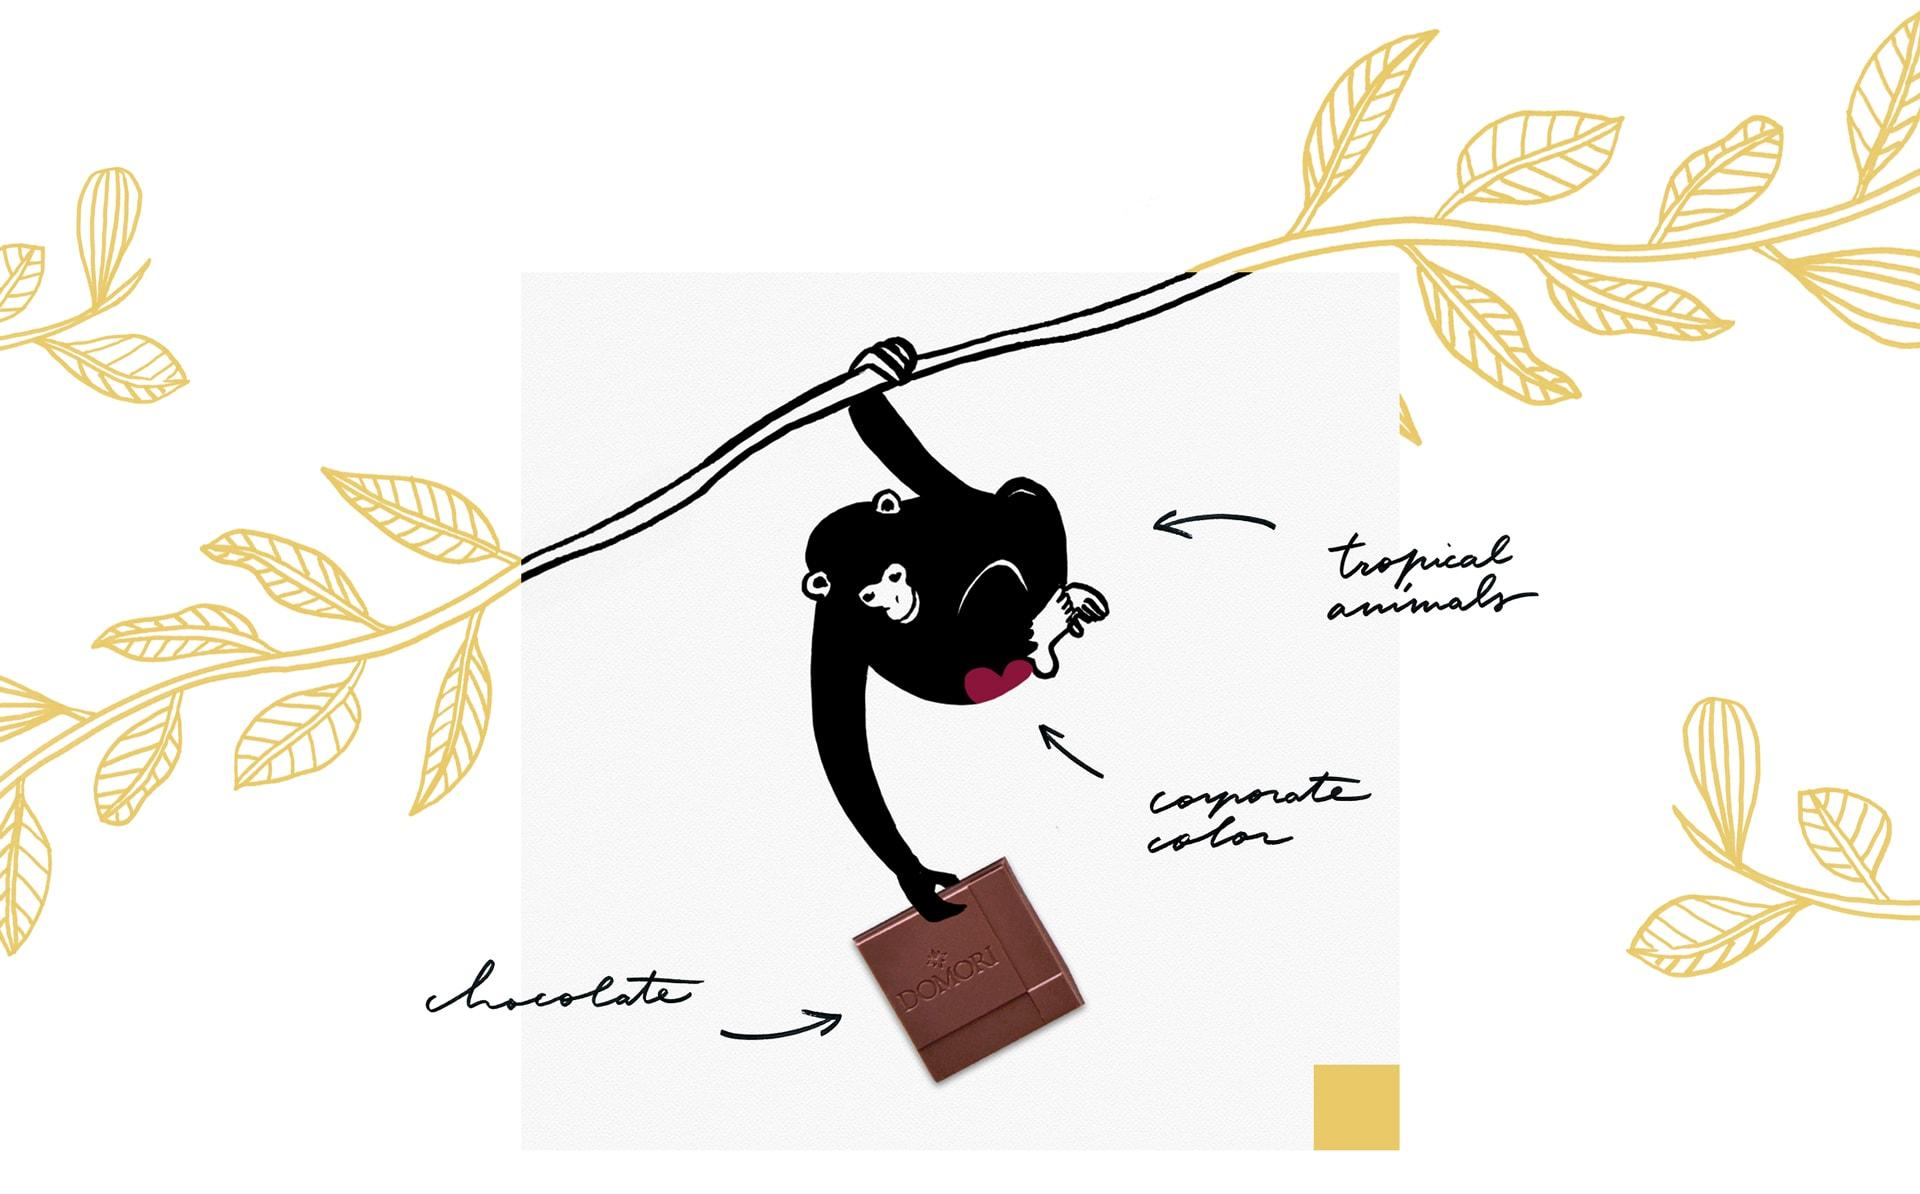 domori-illustrazione-1